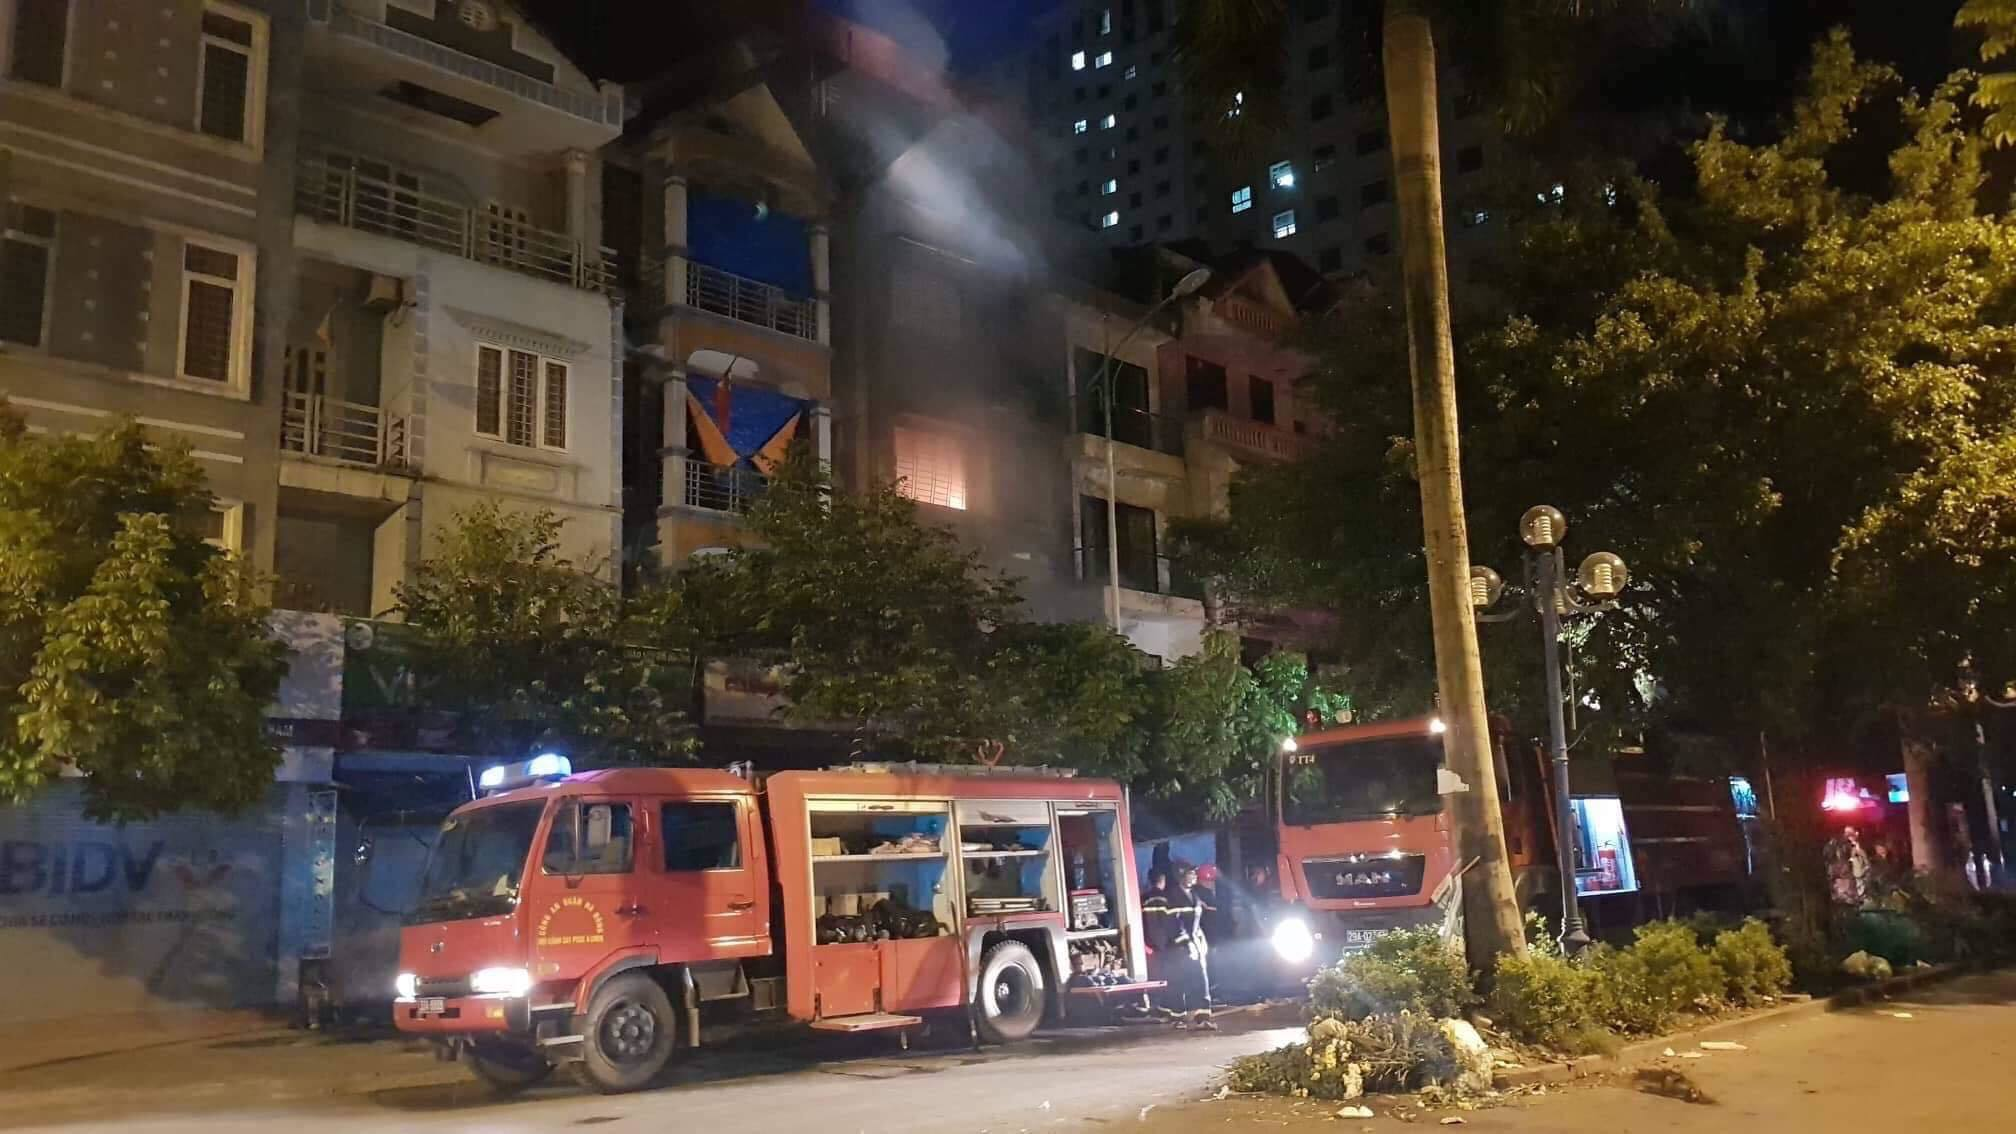 Đêm Trung thu 2 nhà ở Hà Nội cháy rừng rực, giải cứu 4 người